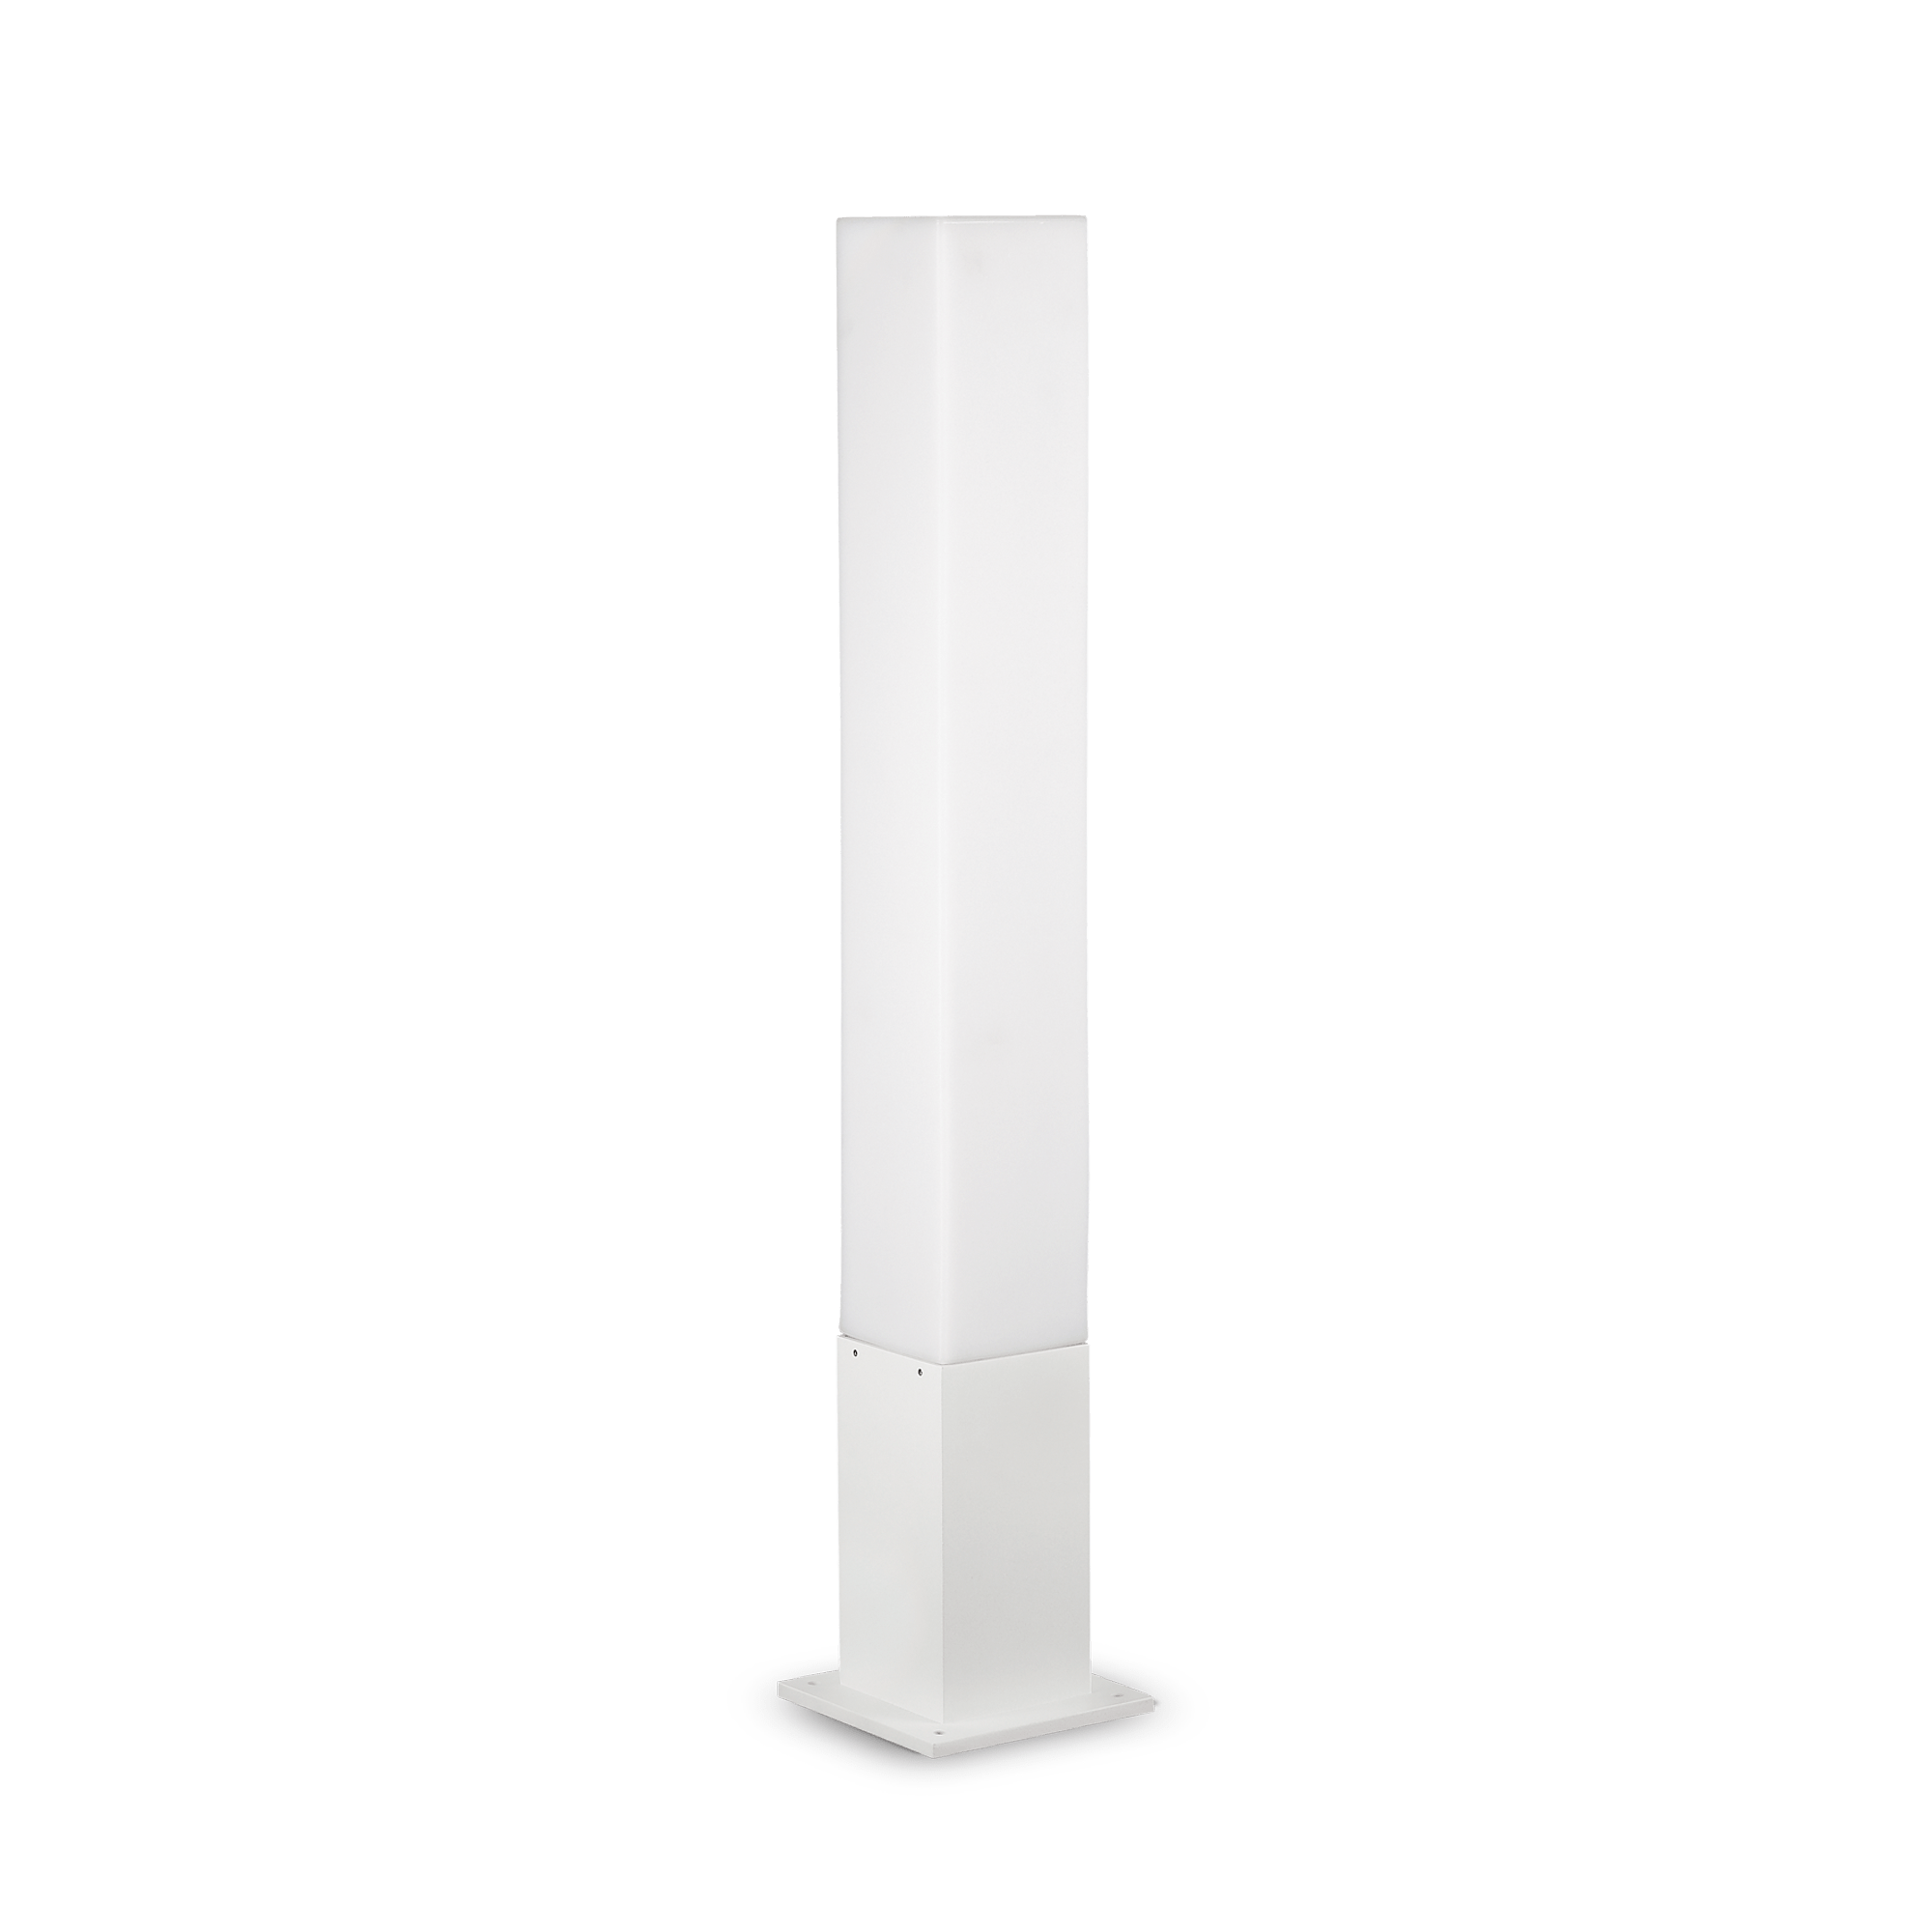 Ideal Lux 142999 Edo Outdoor PT1 Square Bianco kültéri állólámpa